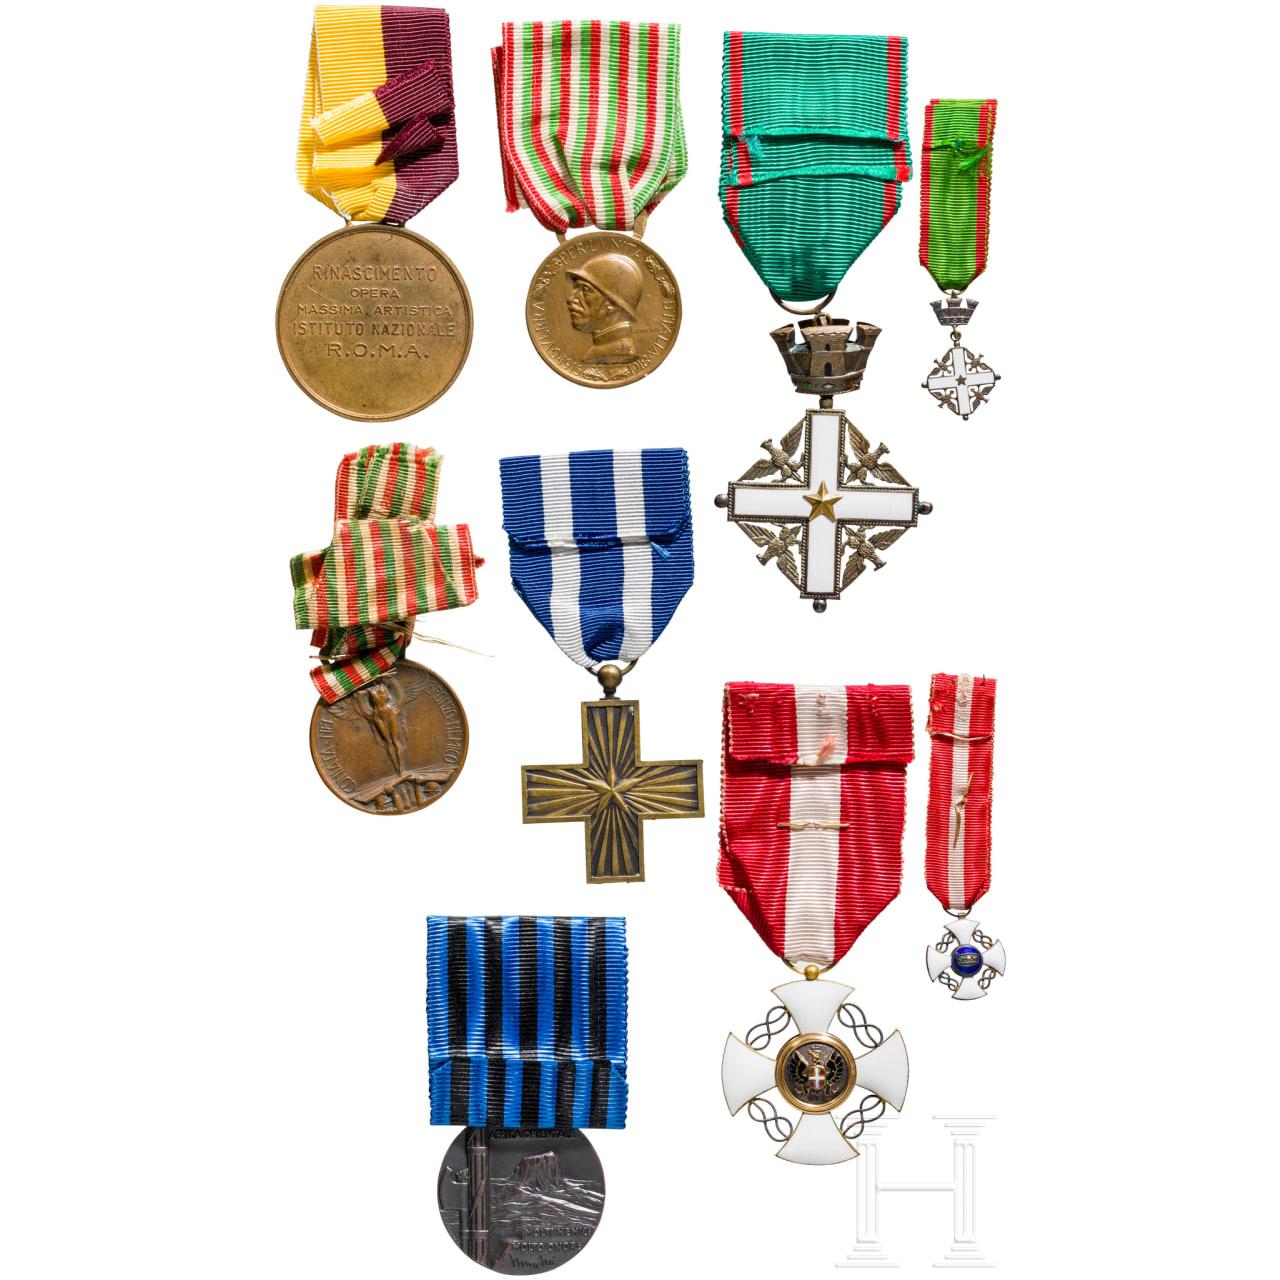 Orden der Krone von Italien - Kreuz der Ritter im Etui und weitere Auszeichnungen, Italien, 20. Jhdt.